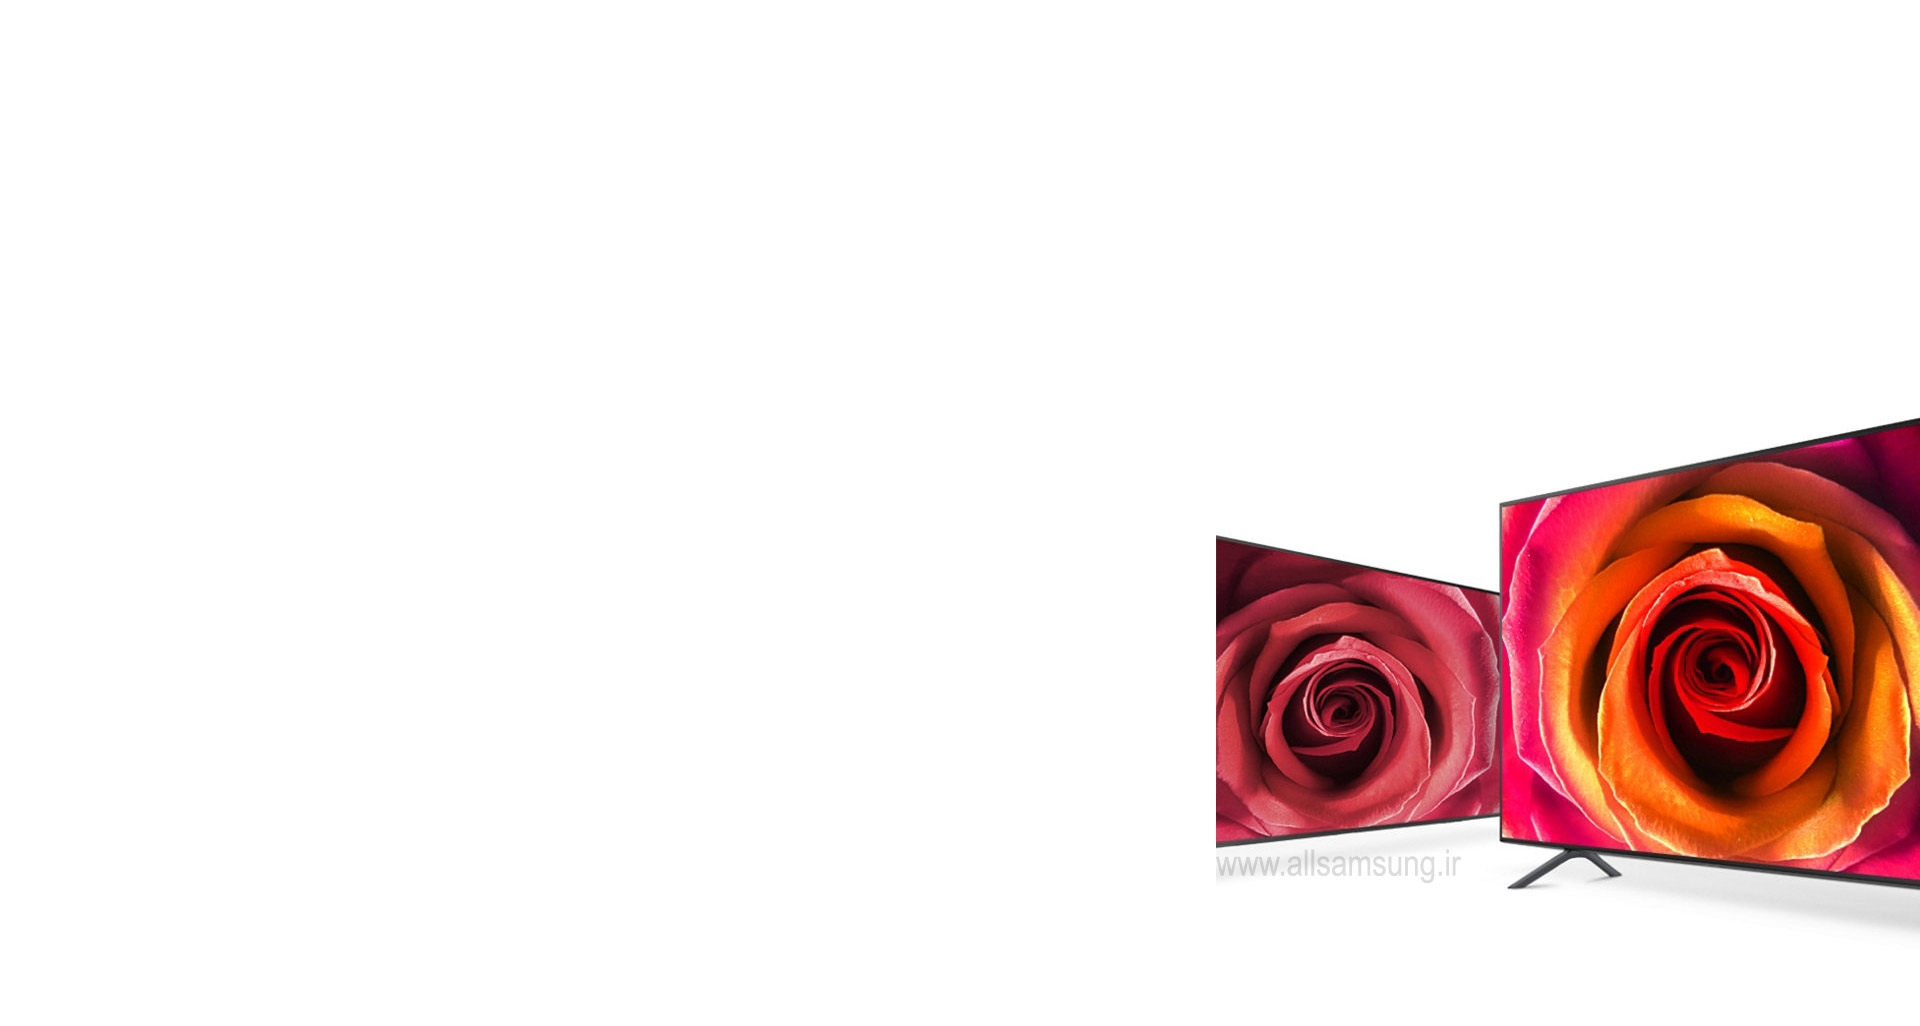 تلویزیون هوشمند 4k UHD با طیف گسترده ای از رنگ های واقع گرایانه